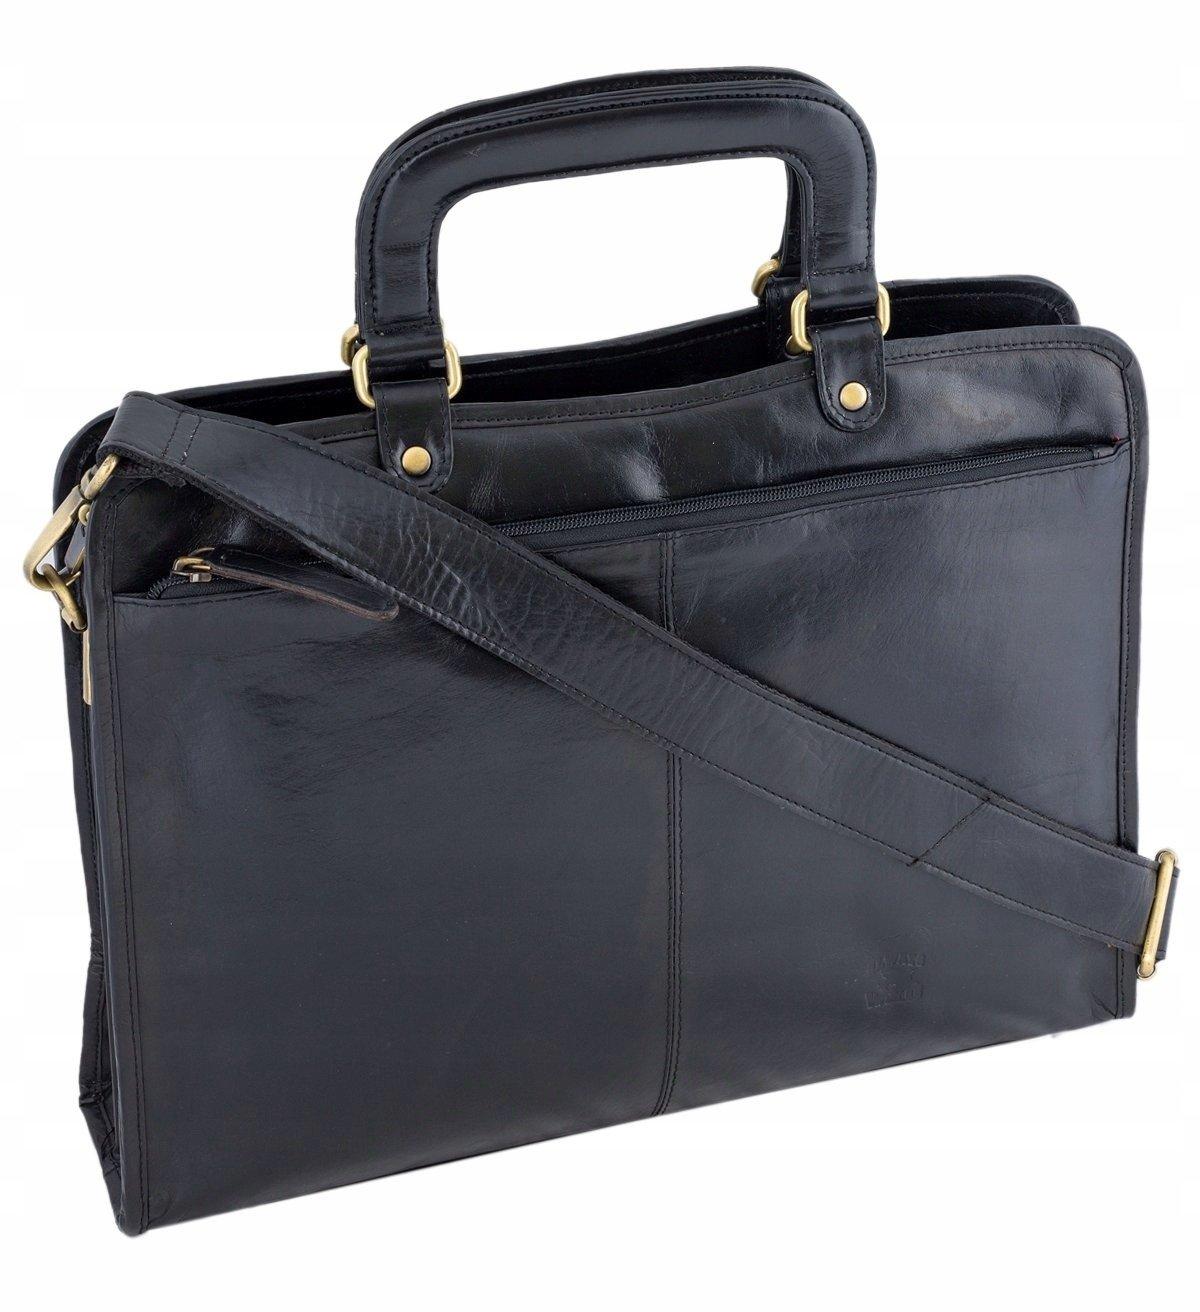 Oryginalna skórzana torba A4 do pracy Always Wild w kolorze czarnym